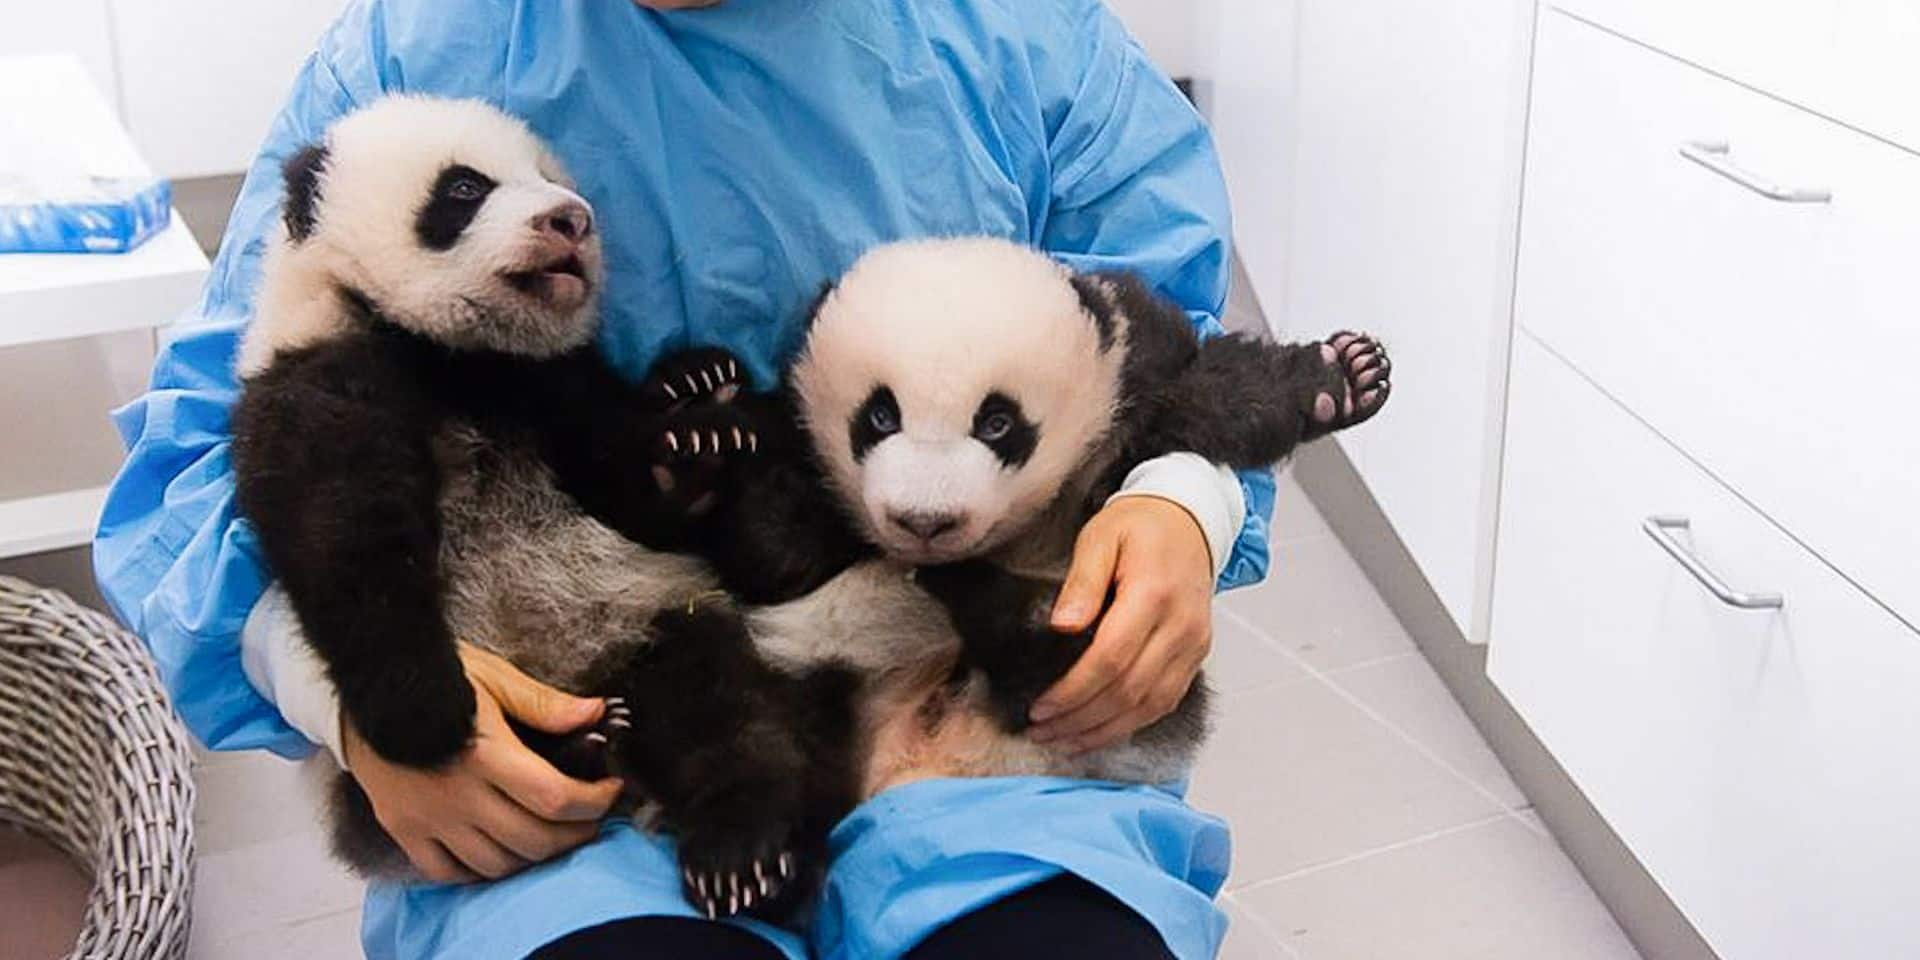 Les bébés pandas du parc Pairi Daiza seront visibles durant les fêtes de fin d'année